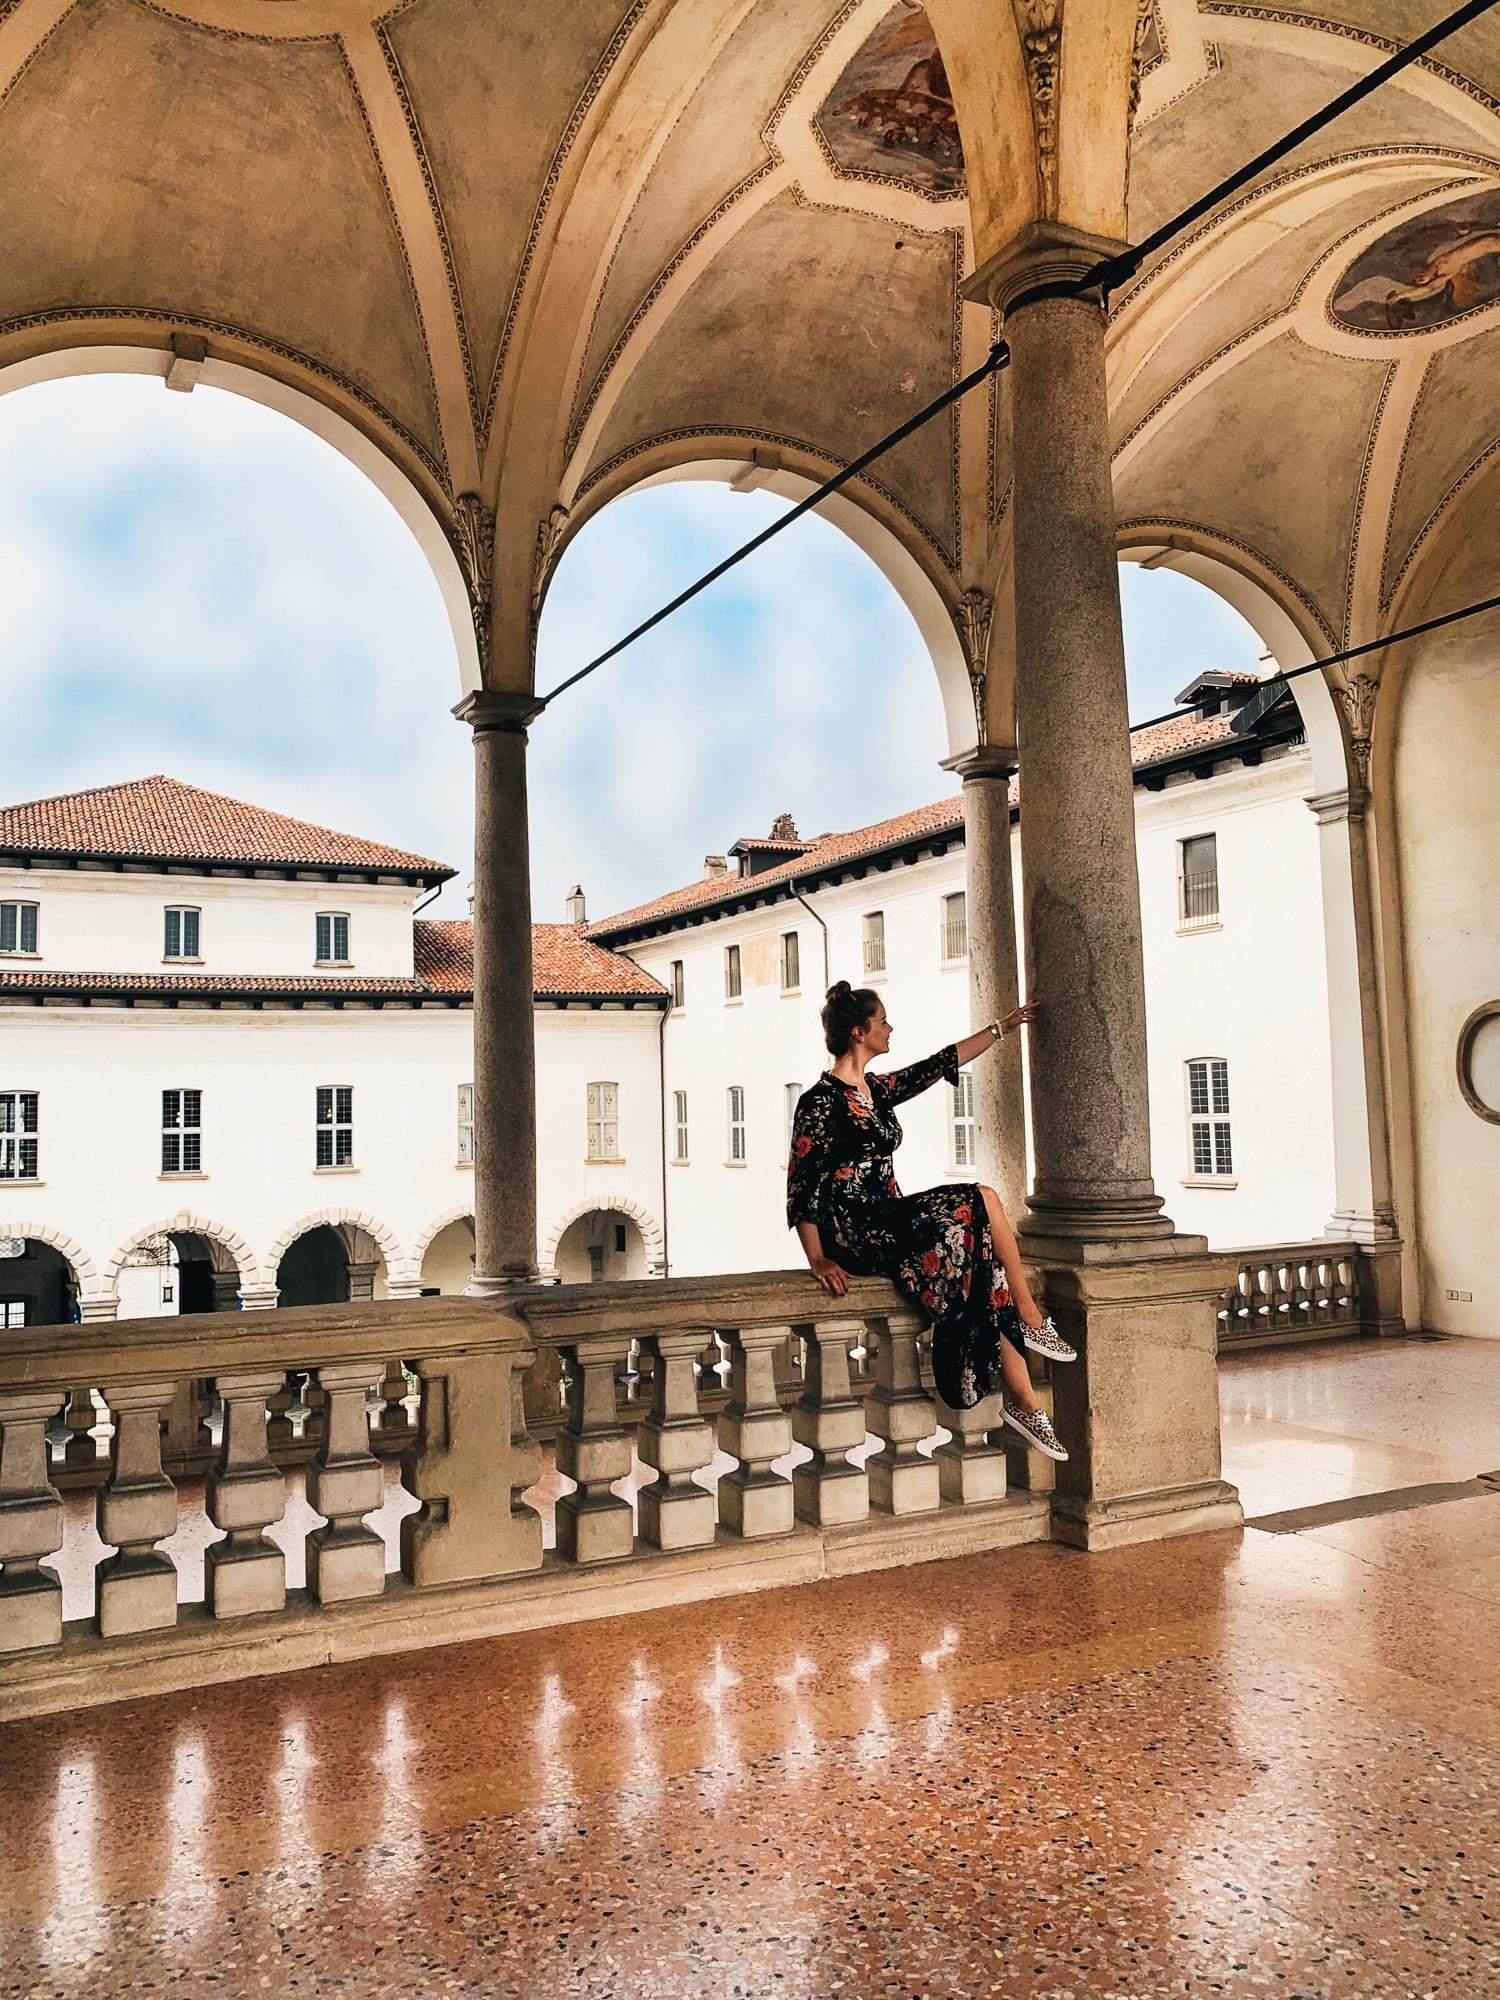 Monza und Brianza: Sehenswürdigkeiten und Highlights in der Lombardei - Palazzo Arese Borromeo